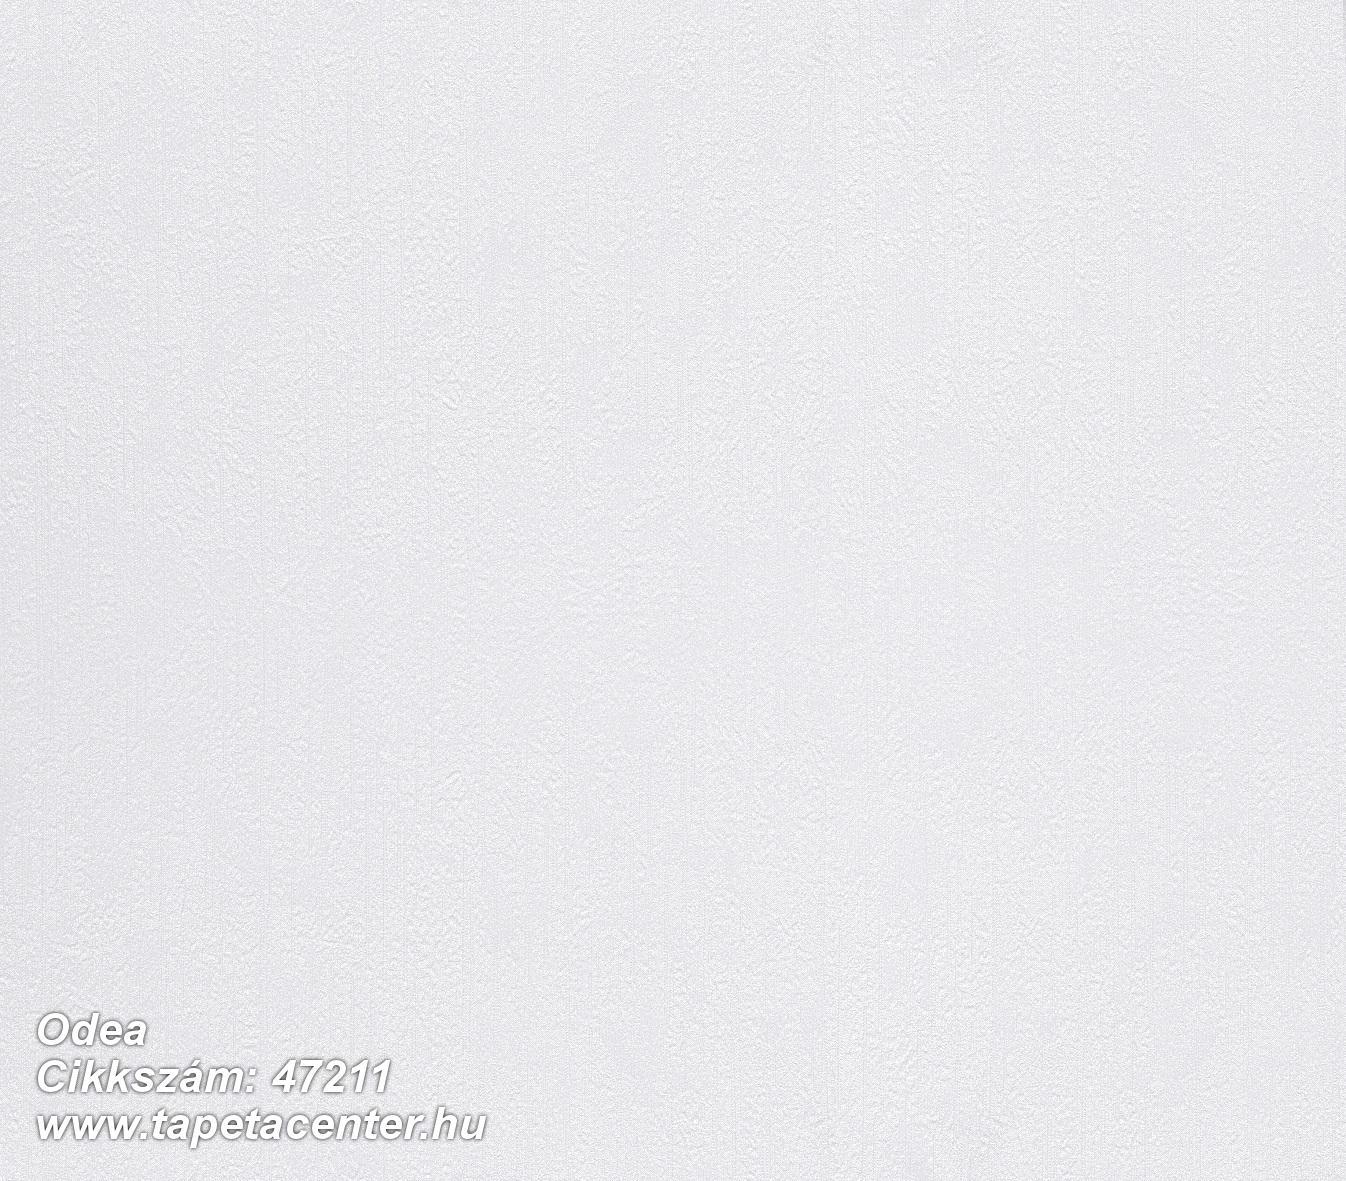 Odea - 47211 Olasz tapéta